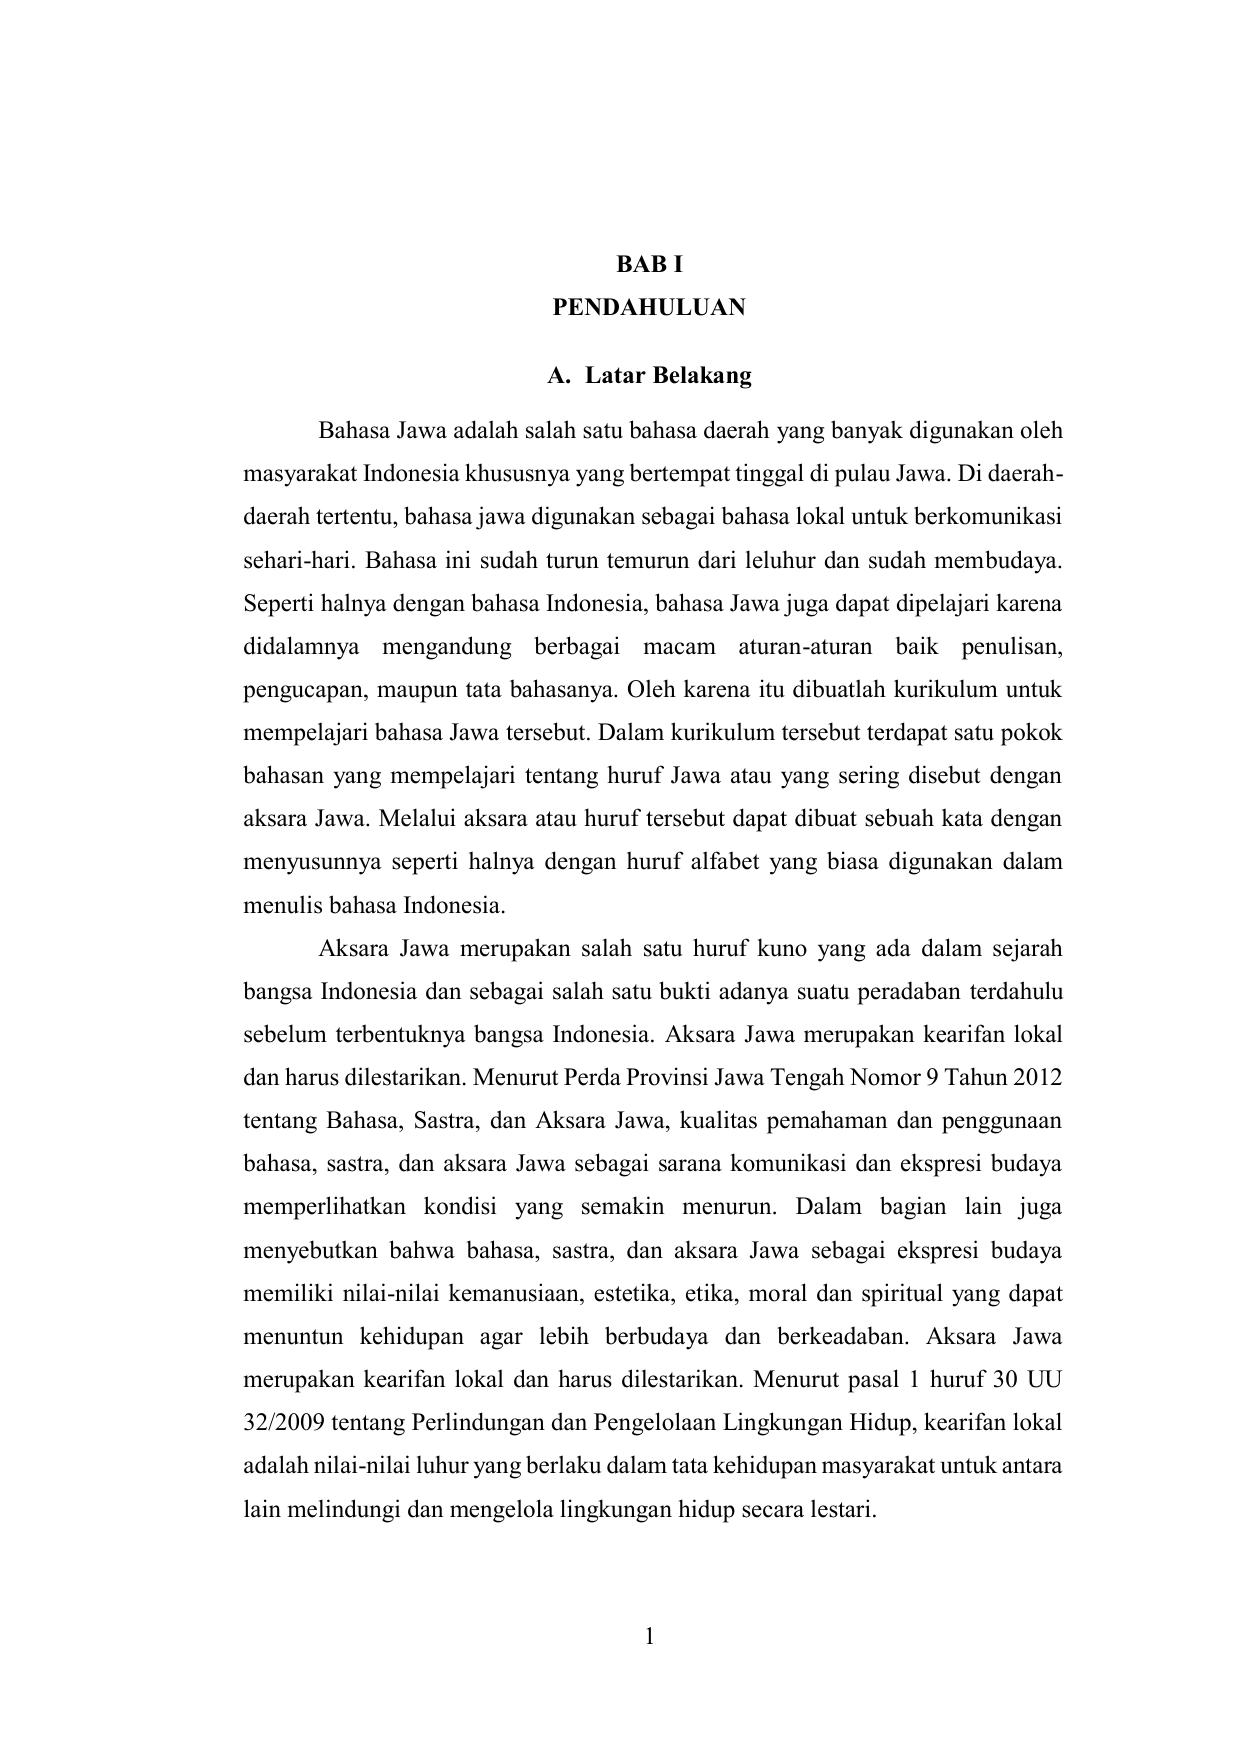 1 Bab I Pendahuluan A Latar Belakang Bahasa Jawa Adalah